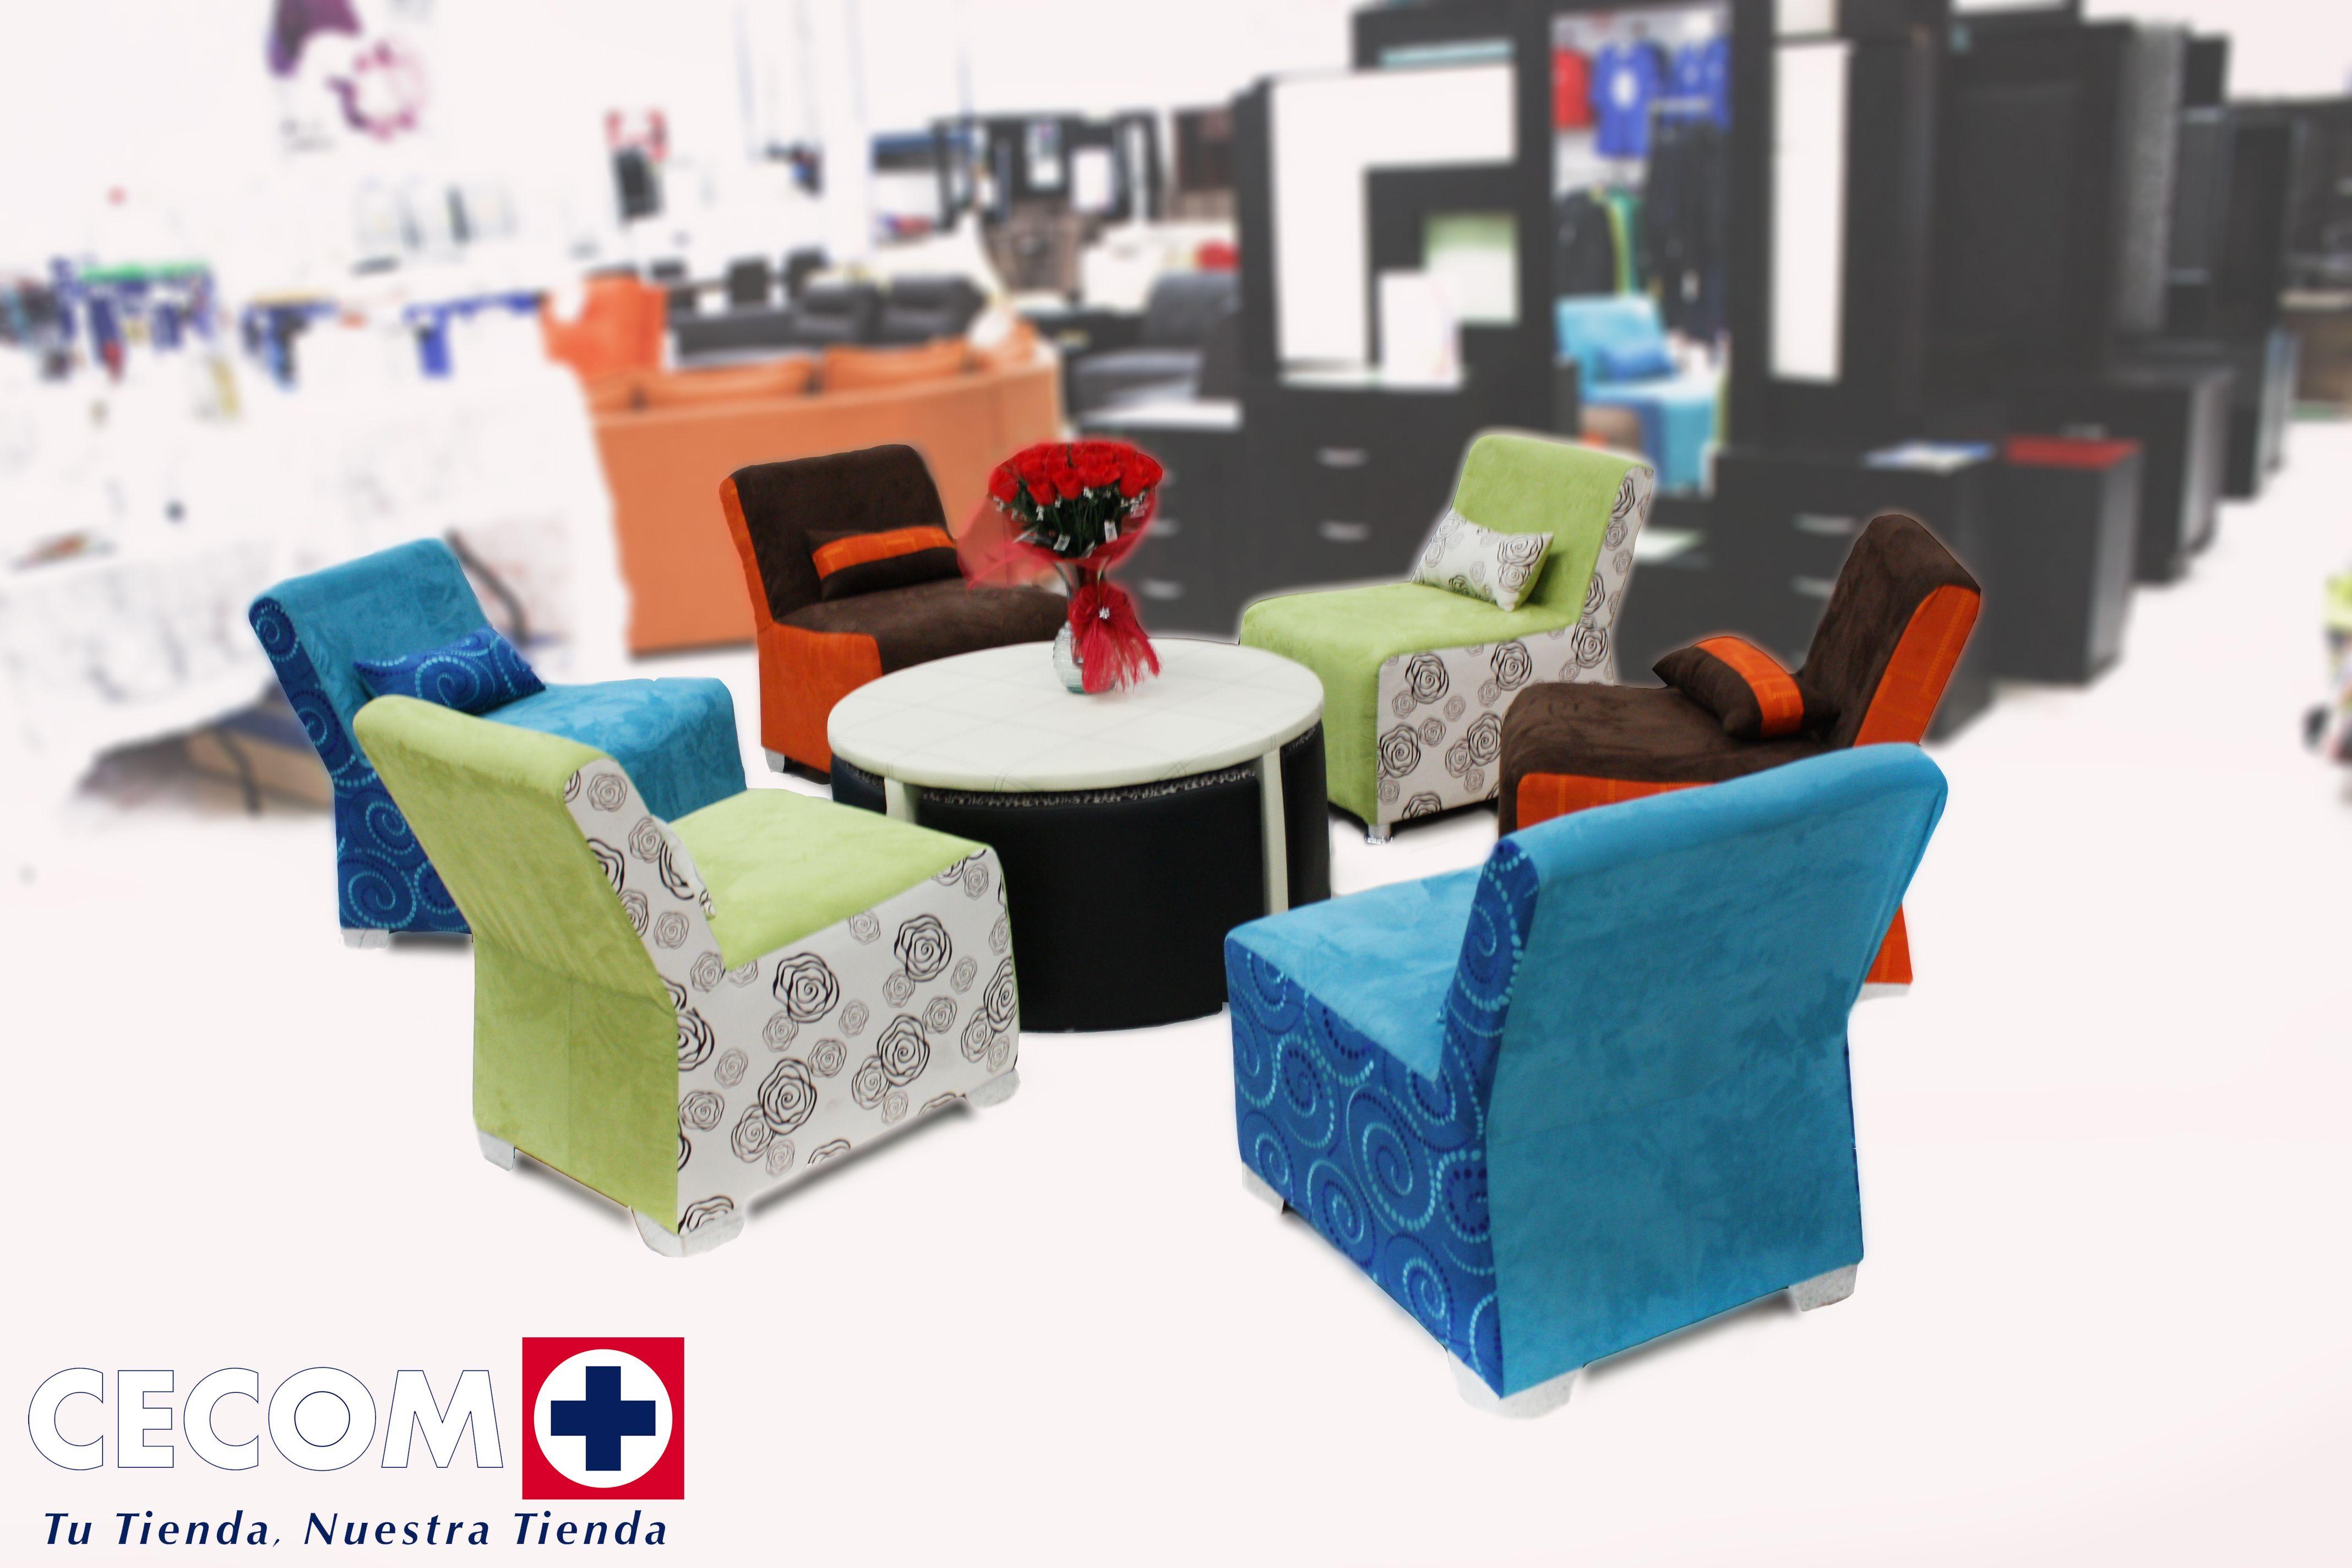 Muebles para todo gusto y ocasión! Solo en CECOM!